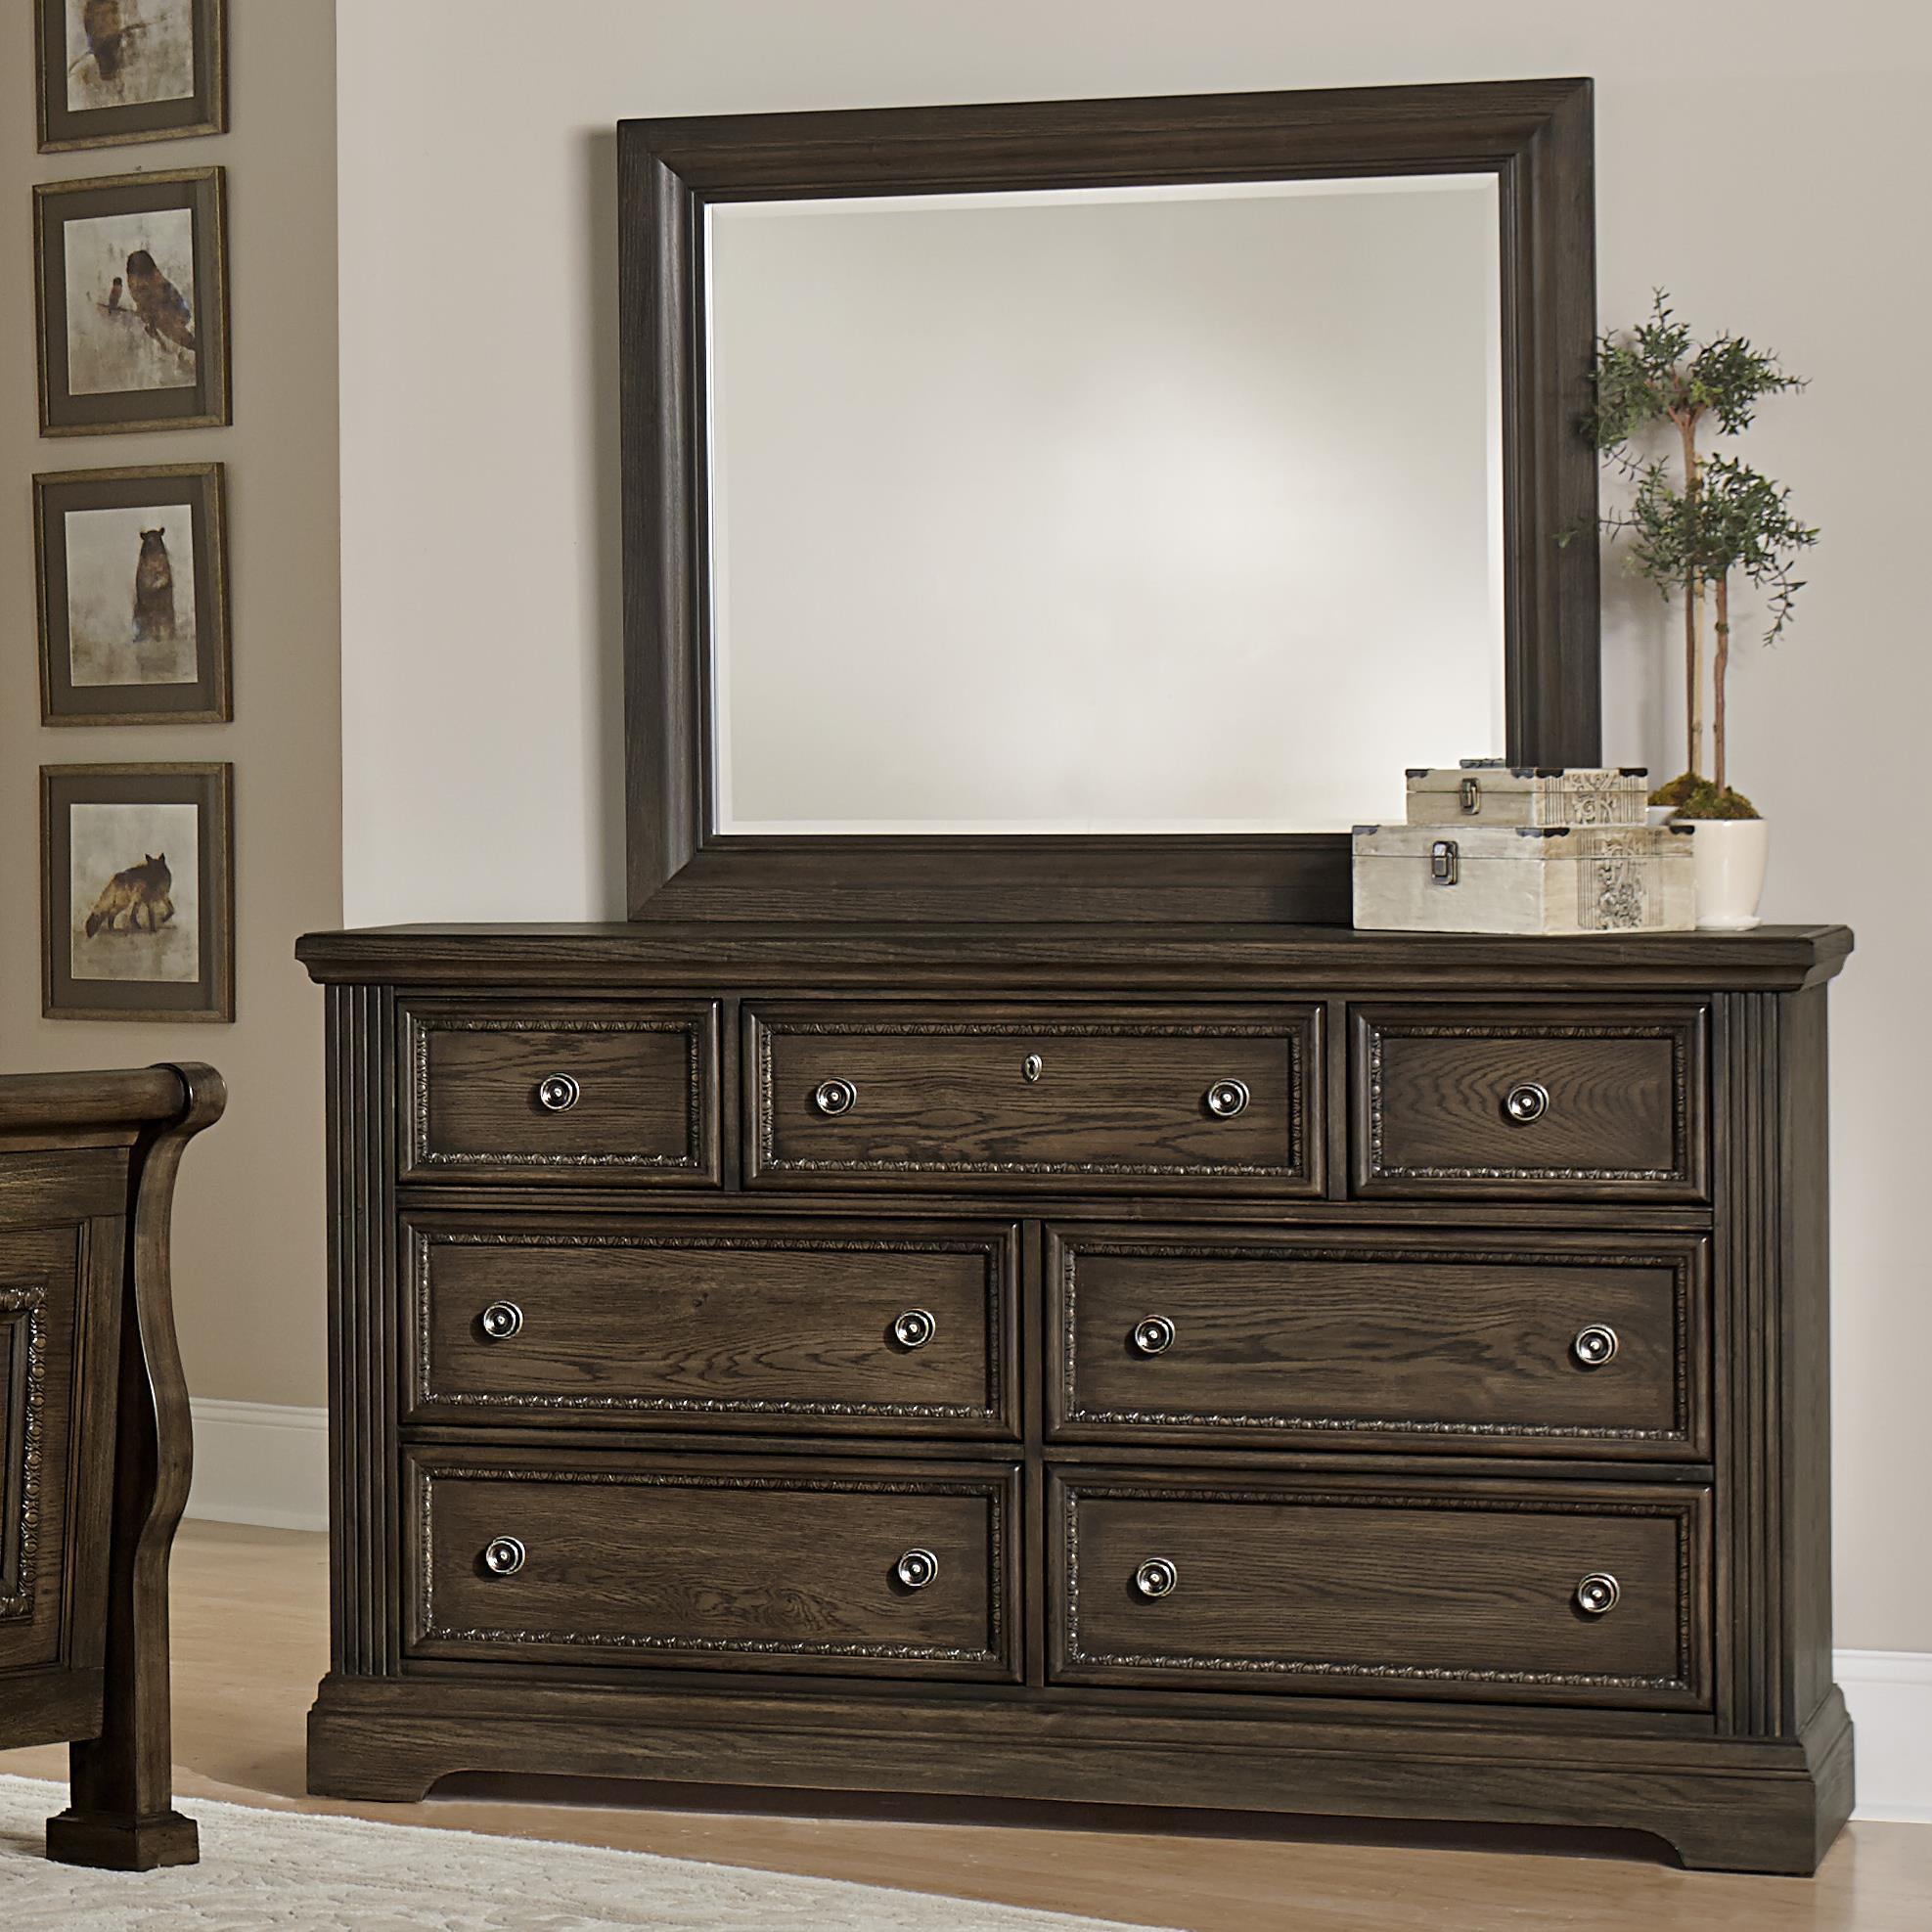 Vaughan Bassett Affinity Dresser & Landscape Mirror - Item Number: 560-002+446